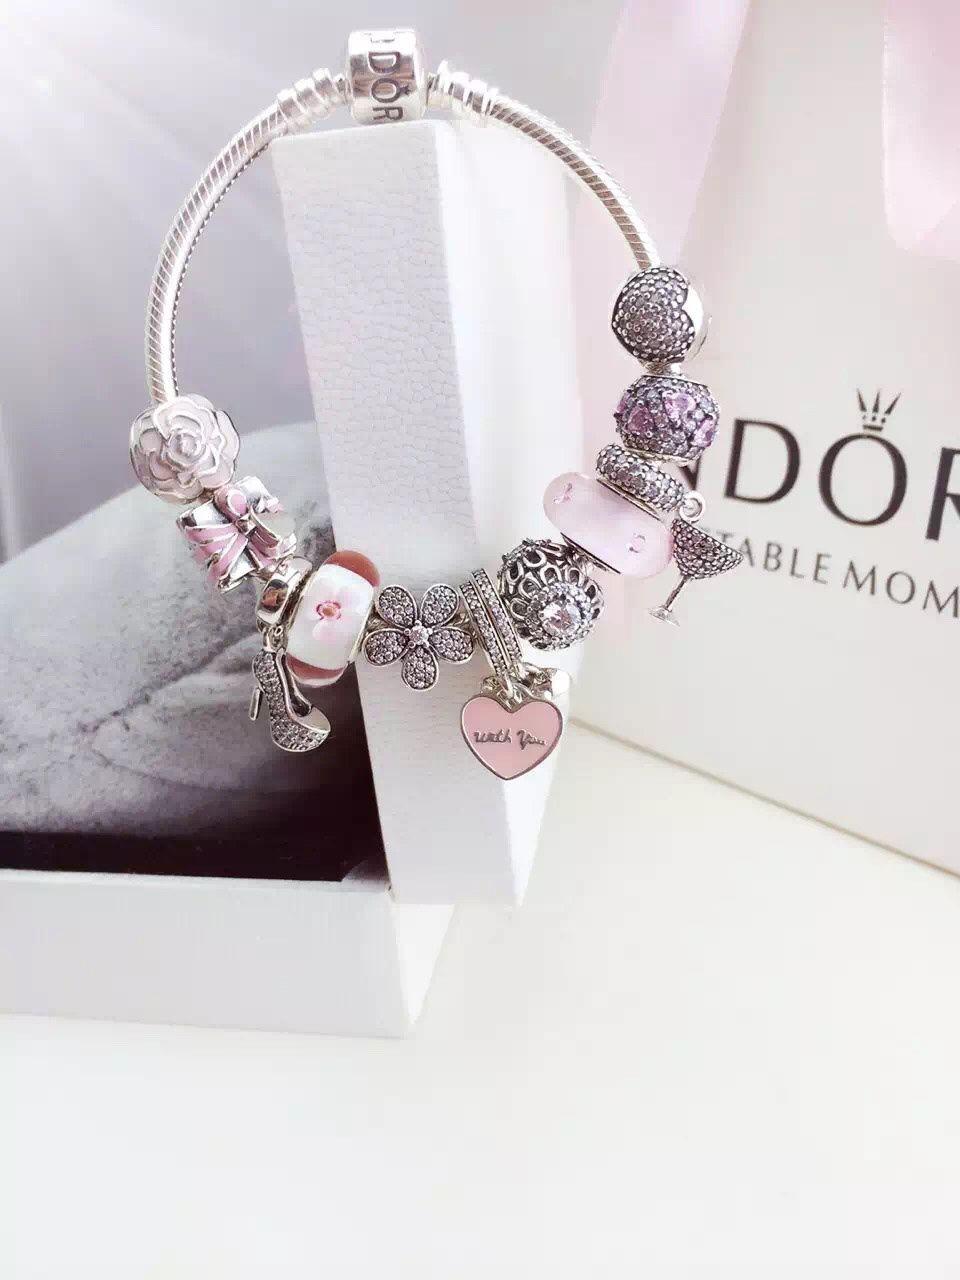 Pandora Sterling Silver Charm Bracelet CB01681 - Pandora Online Shop ... 6c98d1951d542